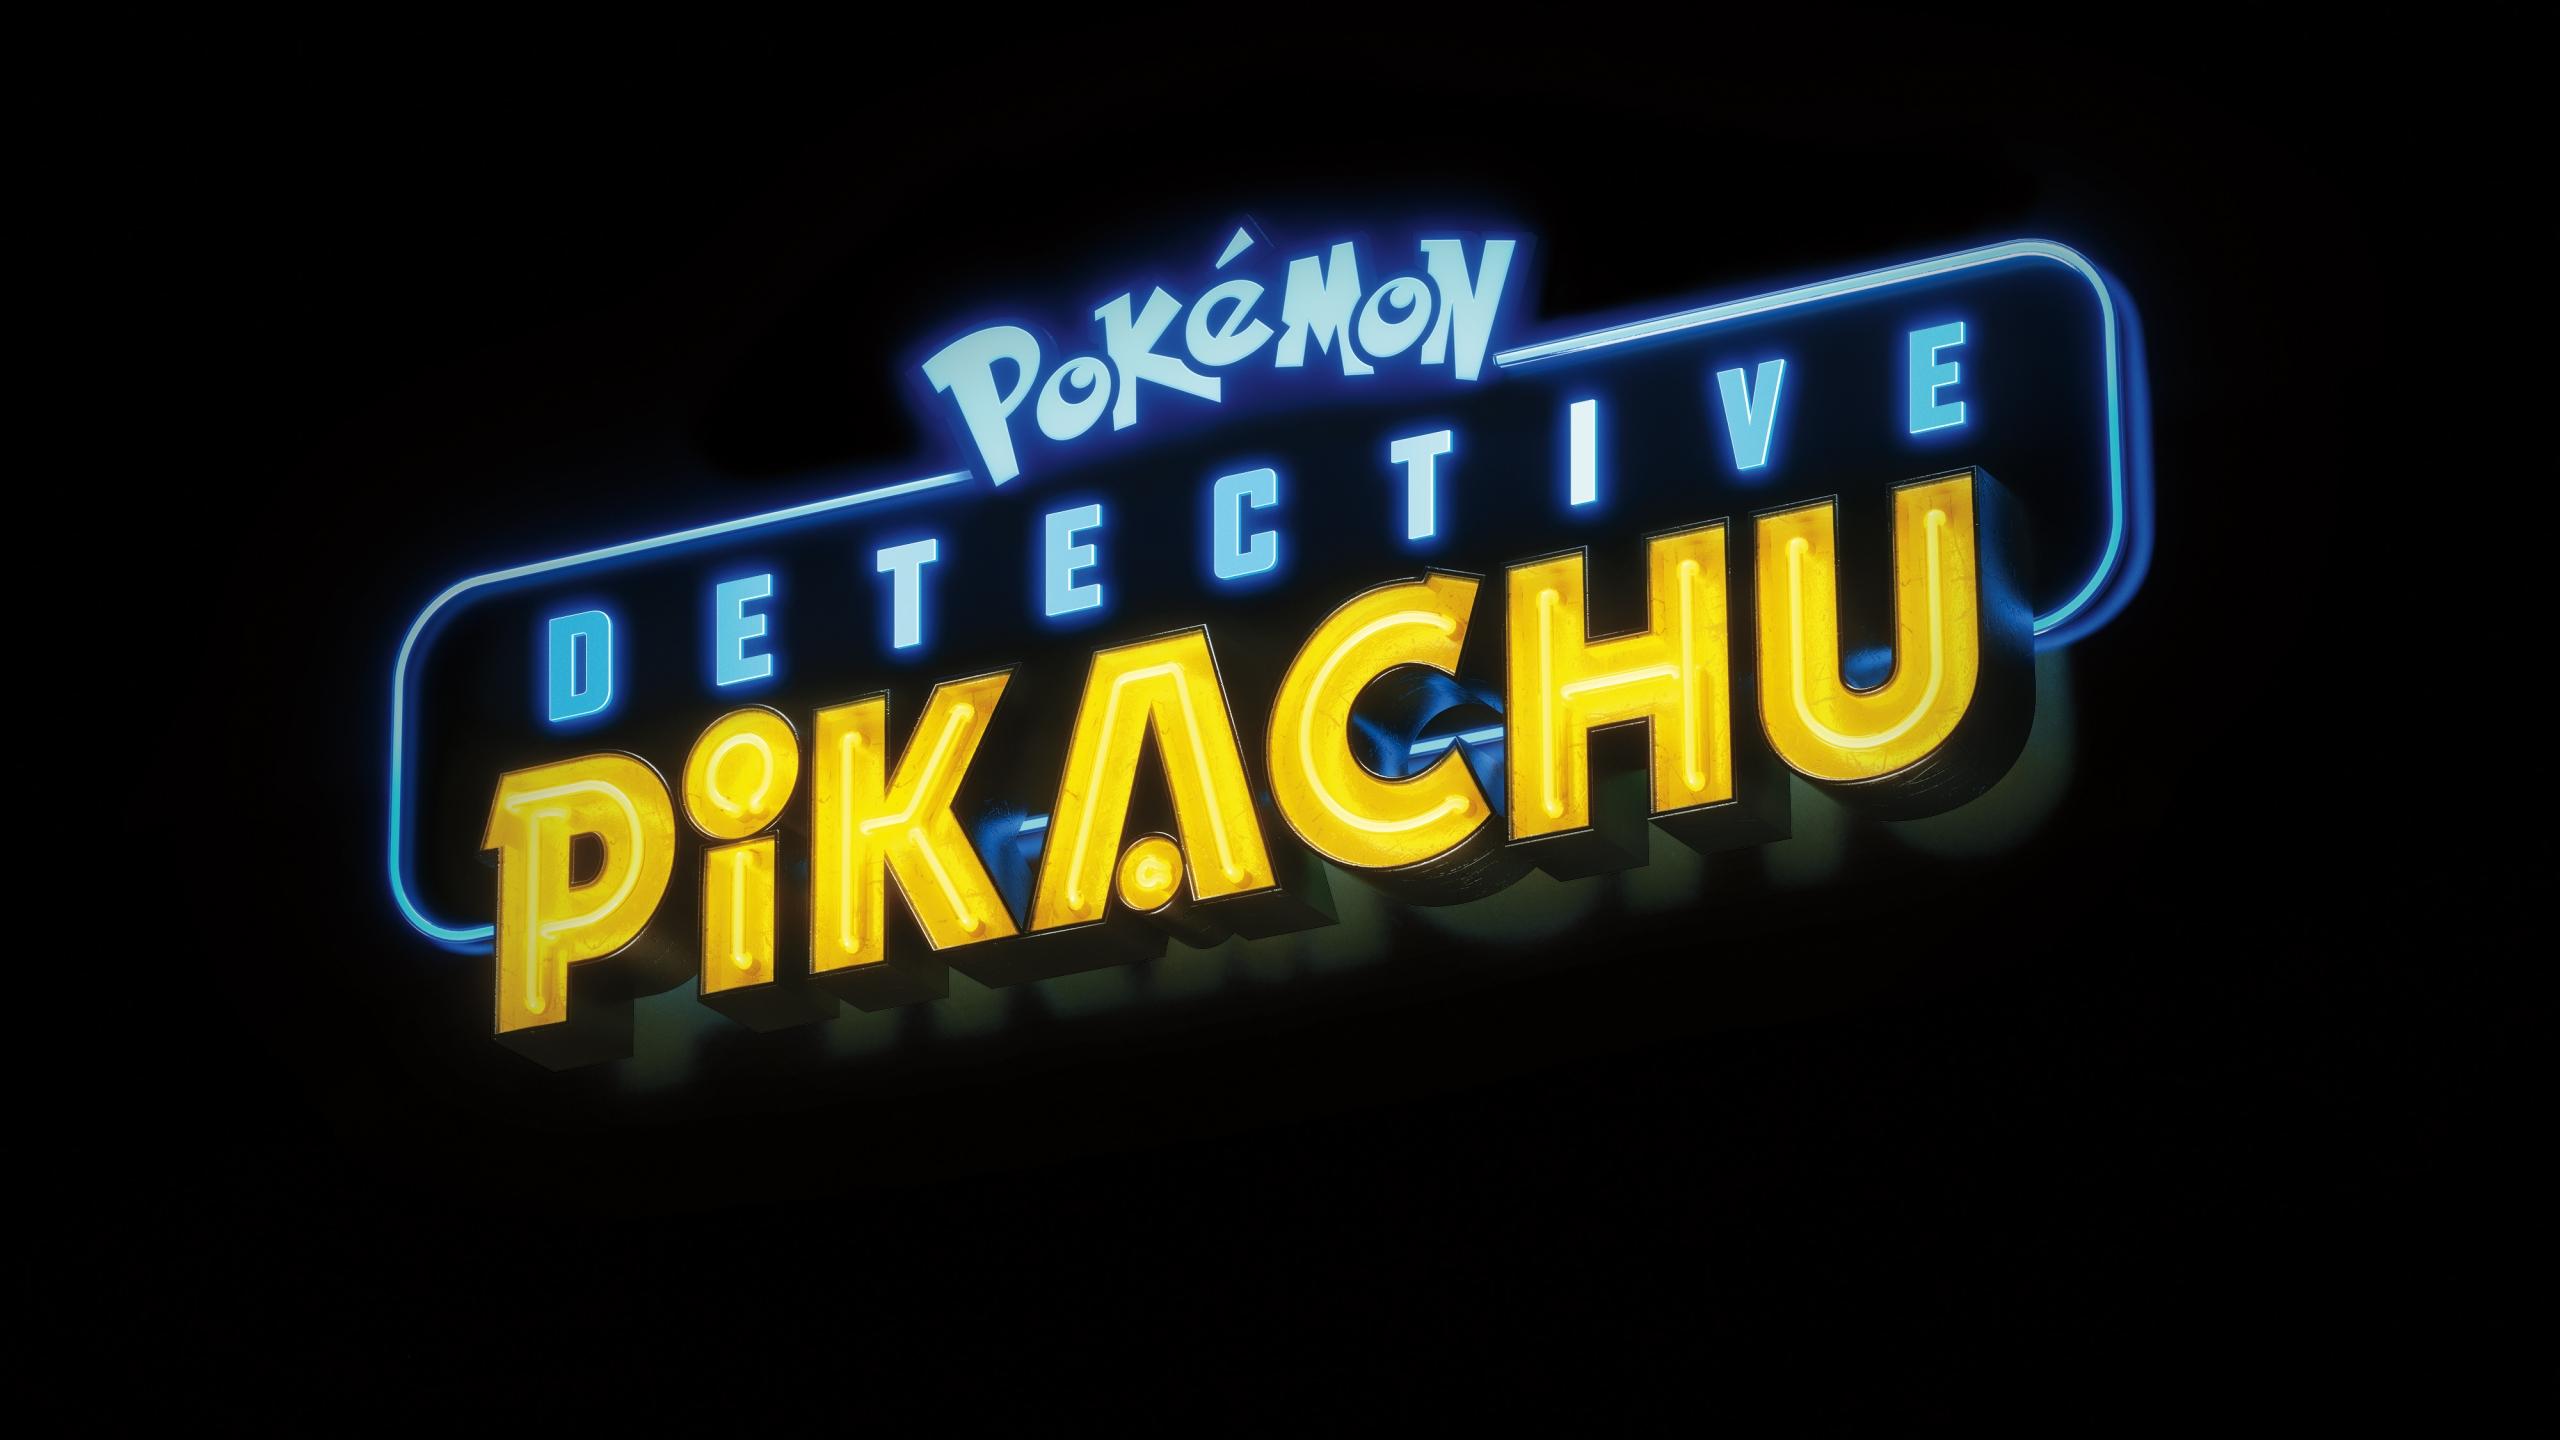 Pokémon Detective Pikachu Logo Wallpaper Id3139